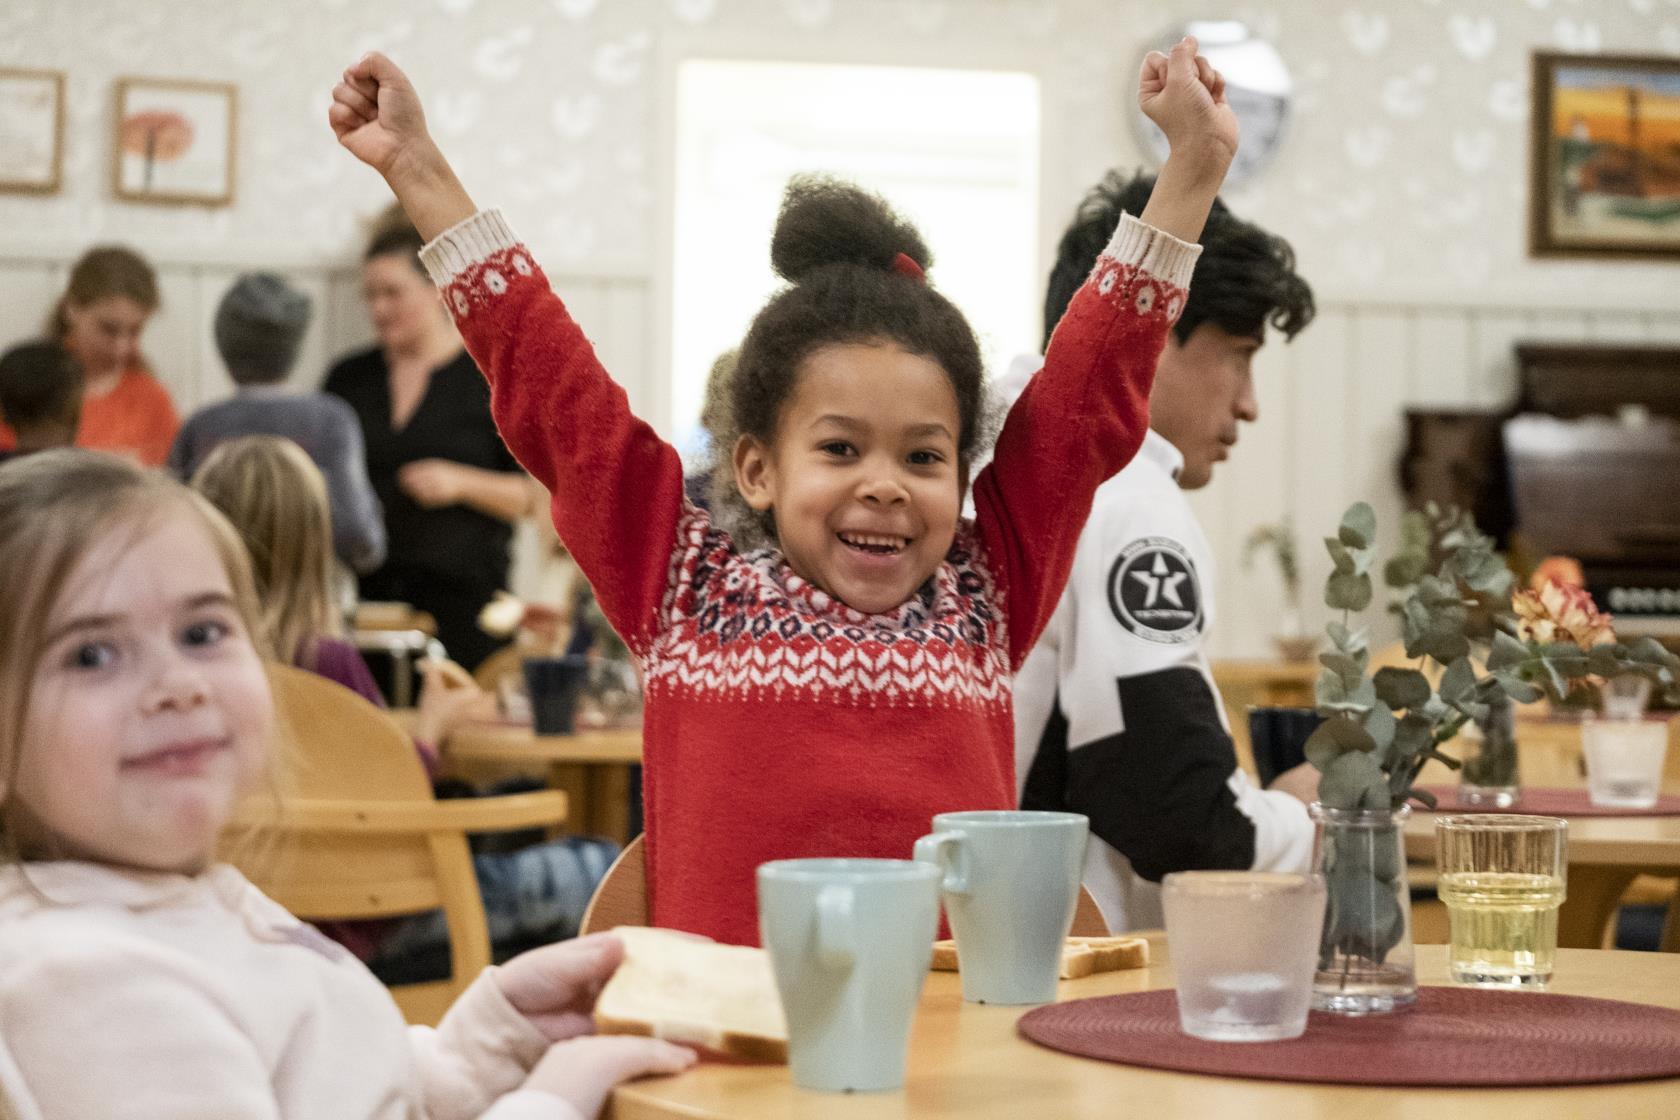 Efter plugget verksamhet i Rörvikskyrkan i Boden. Hit får barn från 7 års ålder komma och leka varje tisdag efter skolan. De pysslar, läser ur bibeln, tänder ljus, fikar och leker.